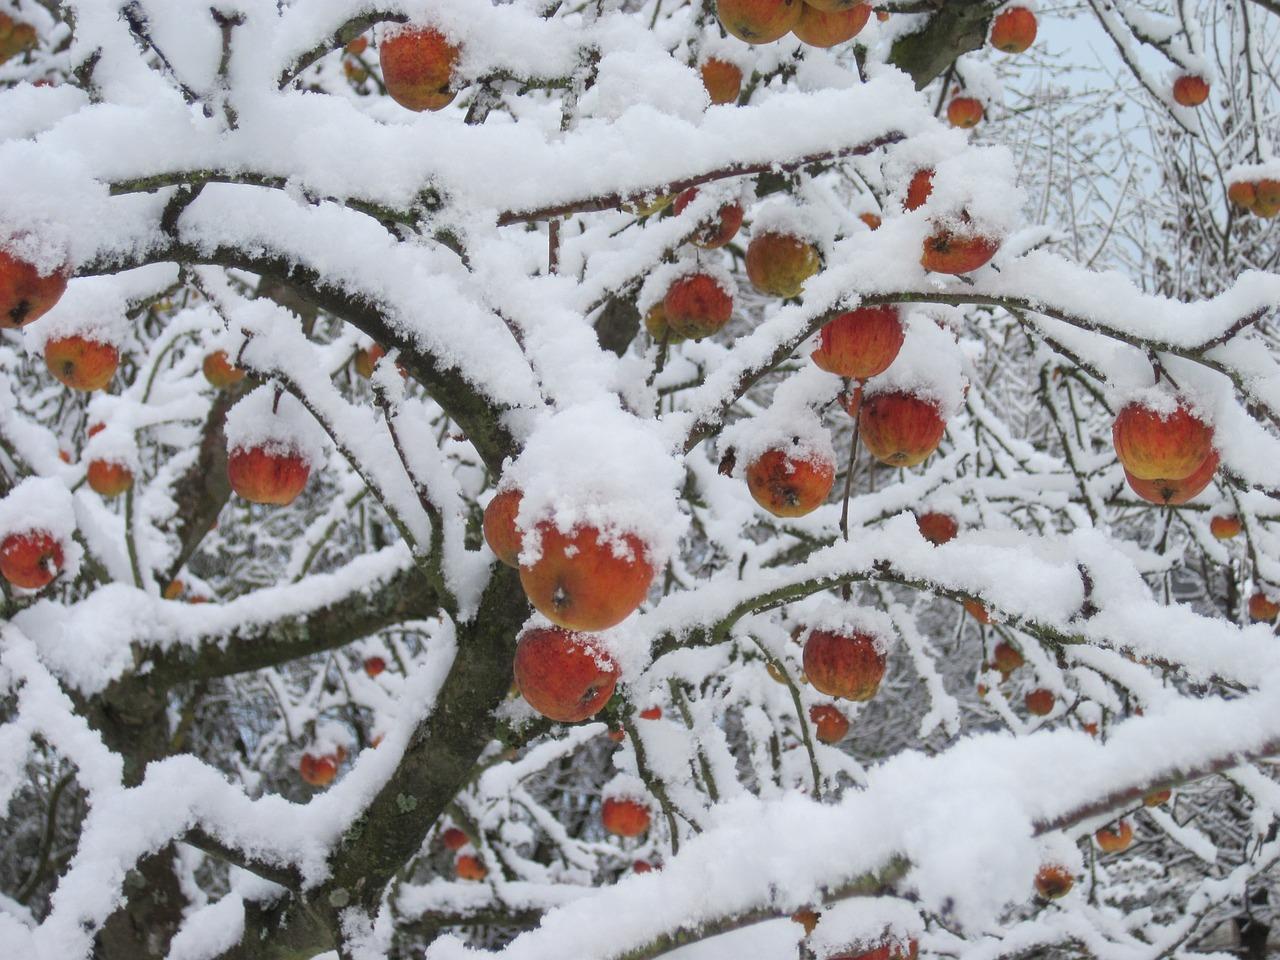 Pohon Apel Salju Merah Foto Gratis Di Pixabay